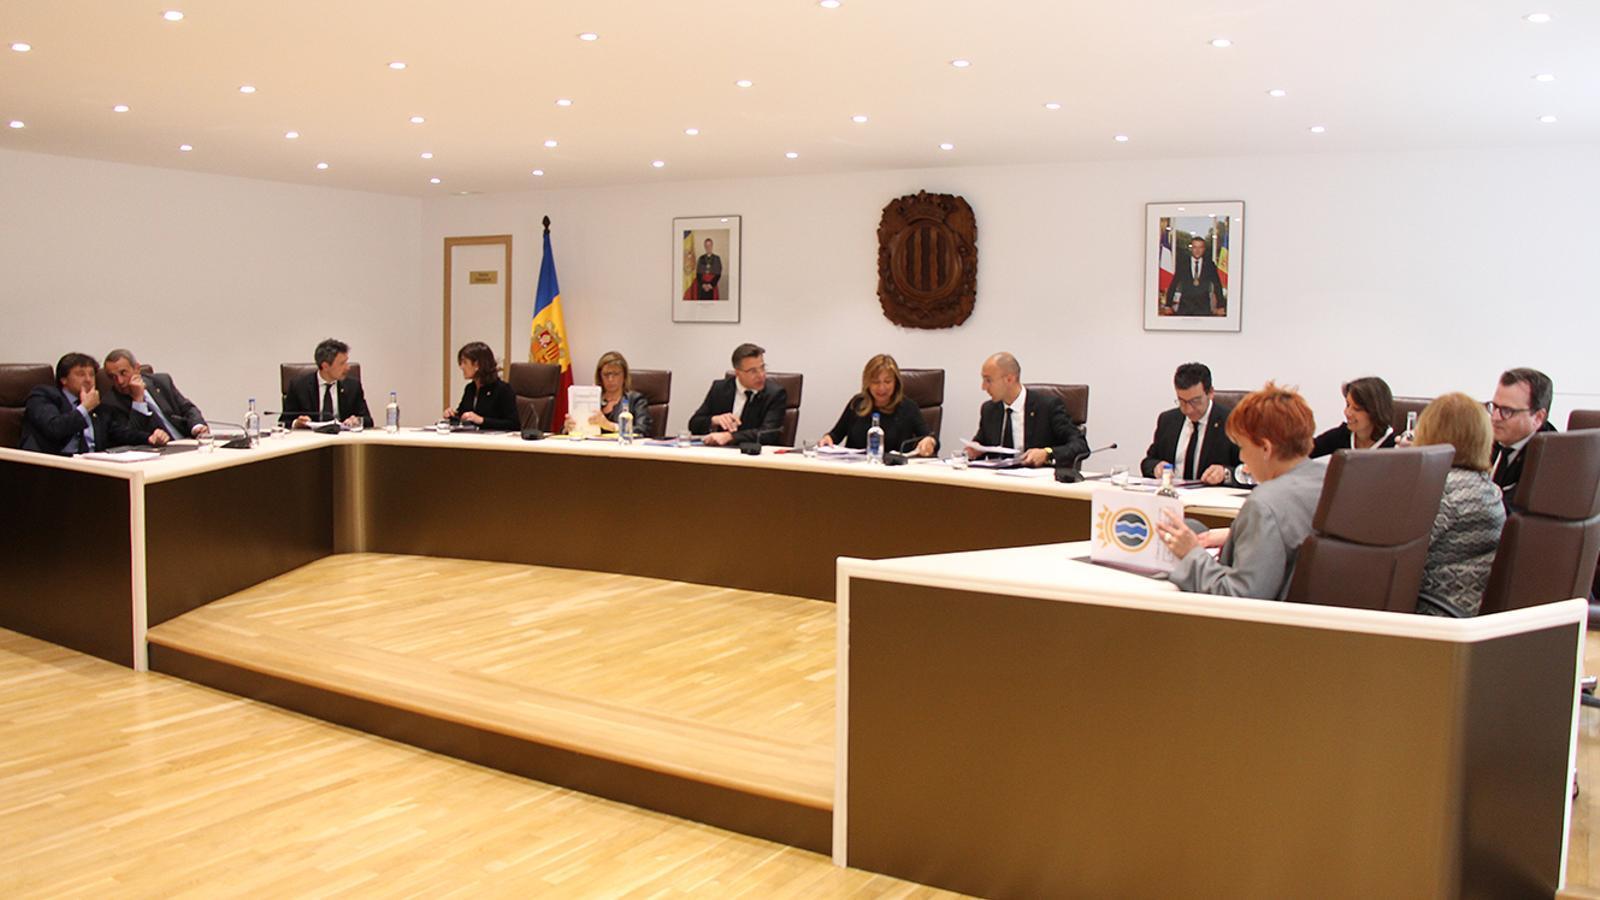 Els conselles comunals durant la sessió del consell de comú d'Andorra la Vella. / M. M. (ANA)